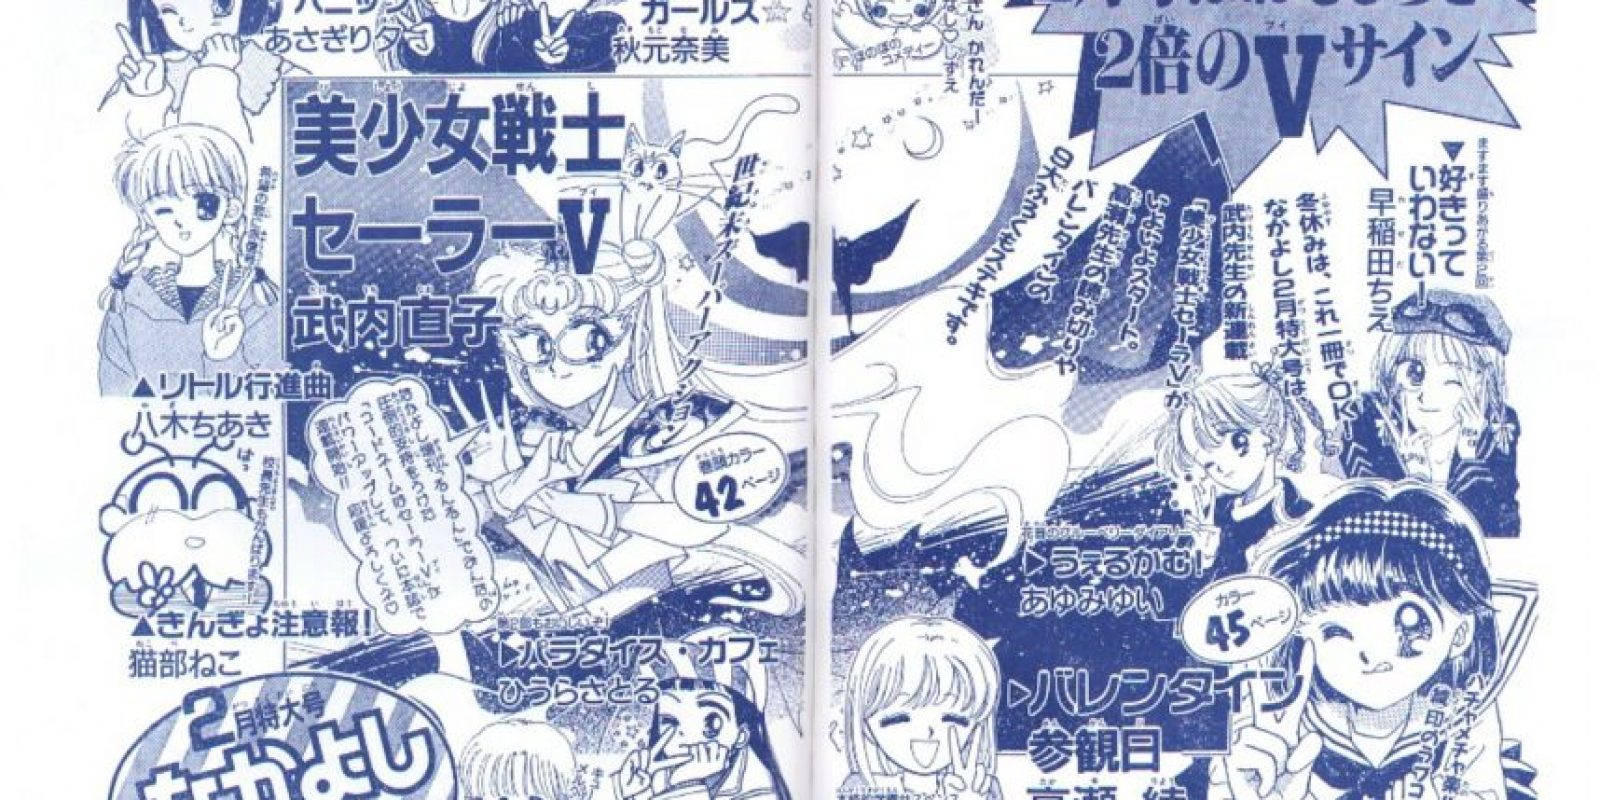 En un capítulo, Rini aparece leyendo la revista Nakayoshi, magazine que ha publicado los trabajos de Naoko Takeuchi. Foto:Nakayoshi